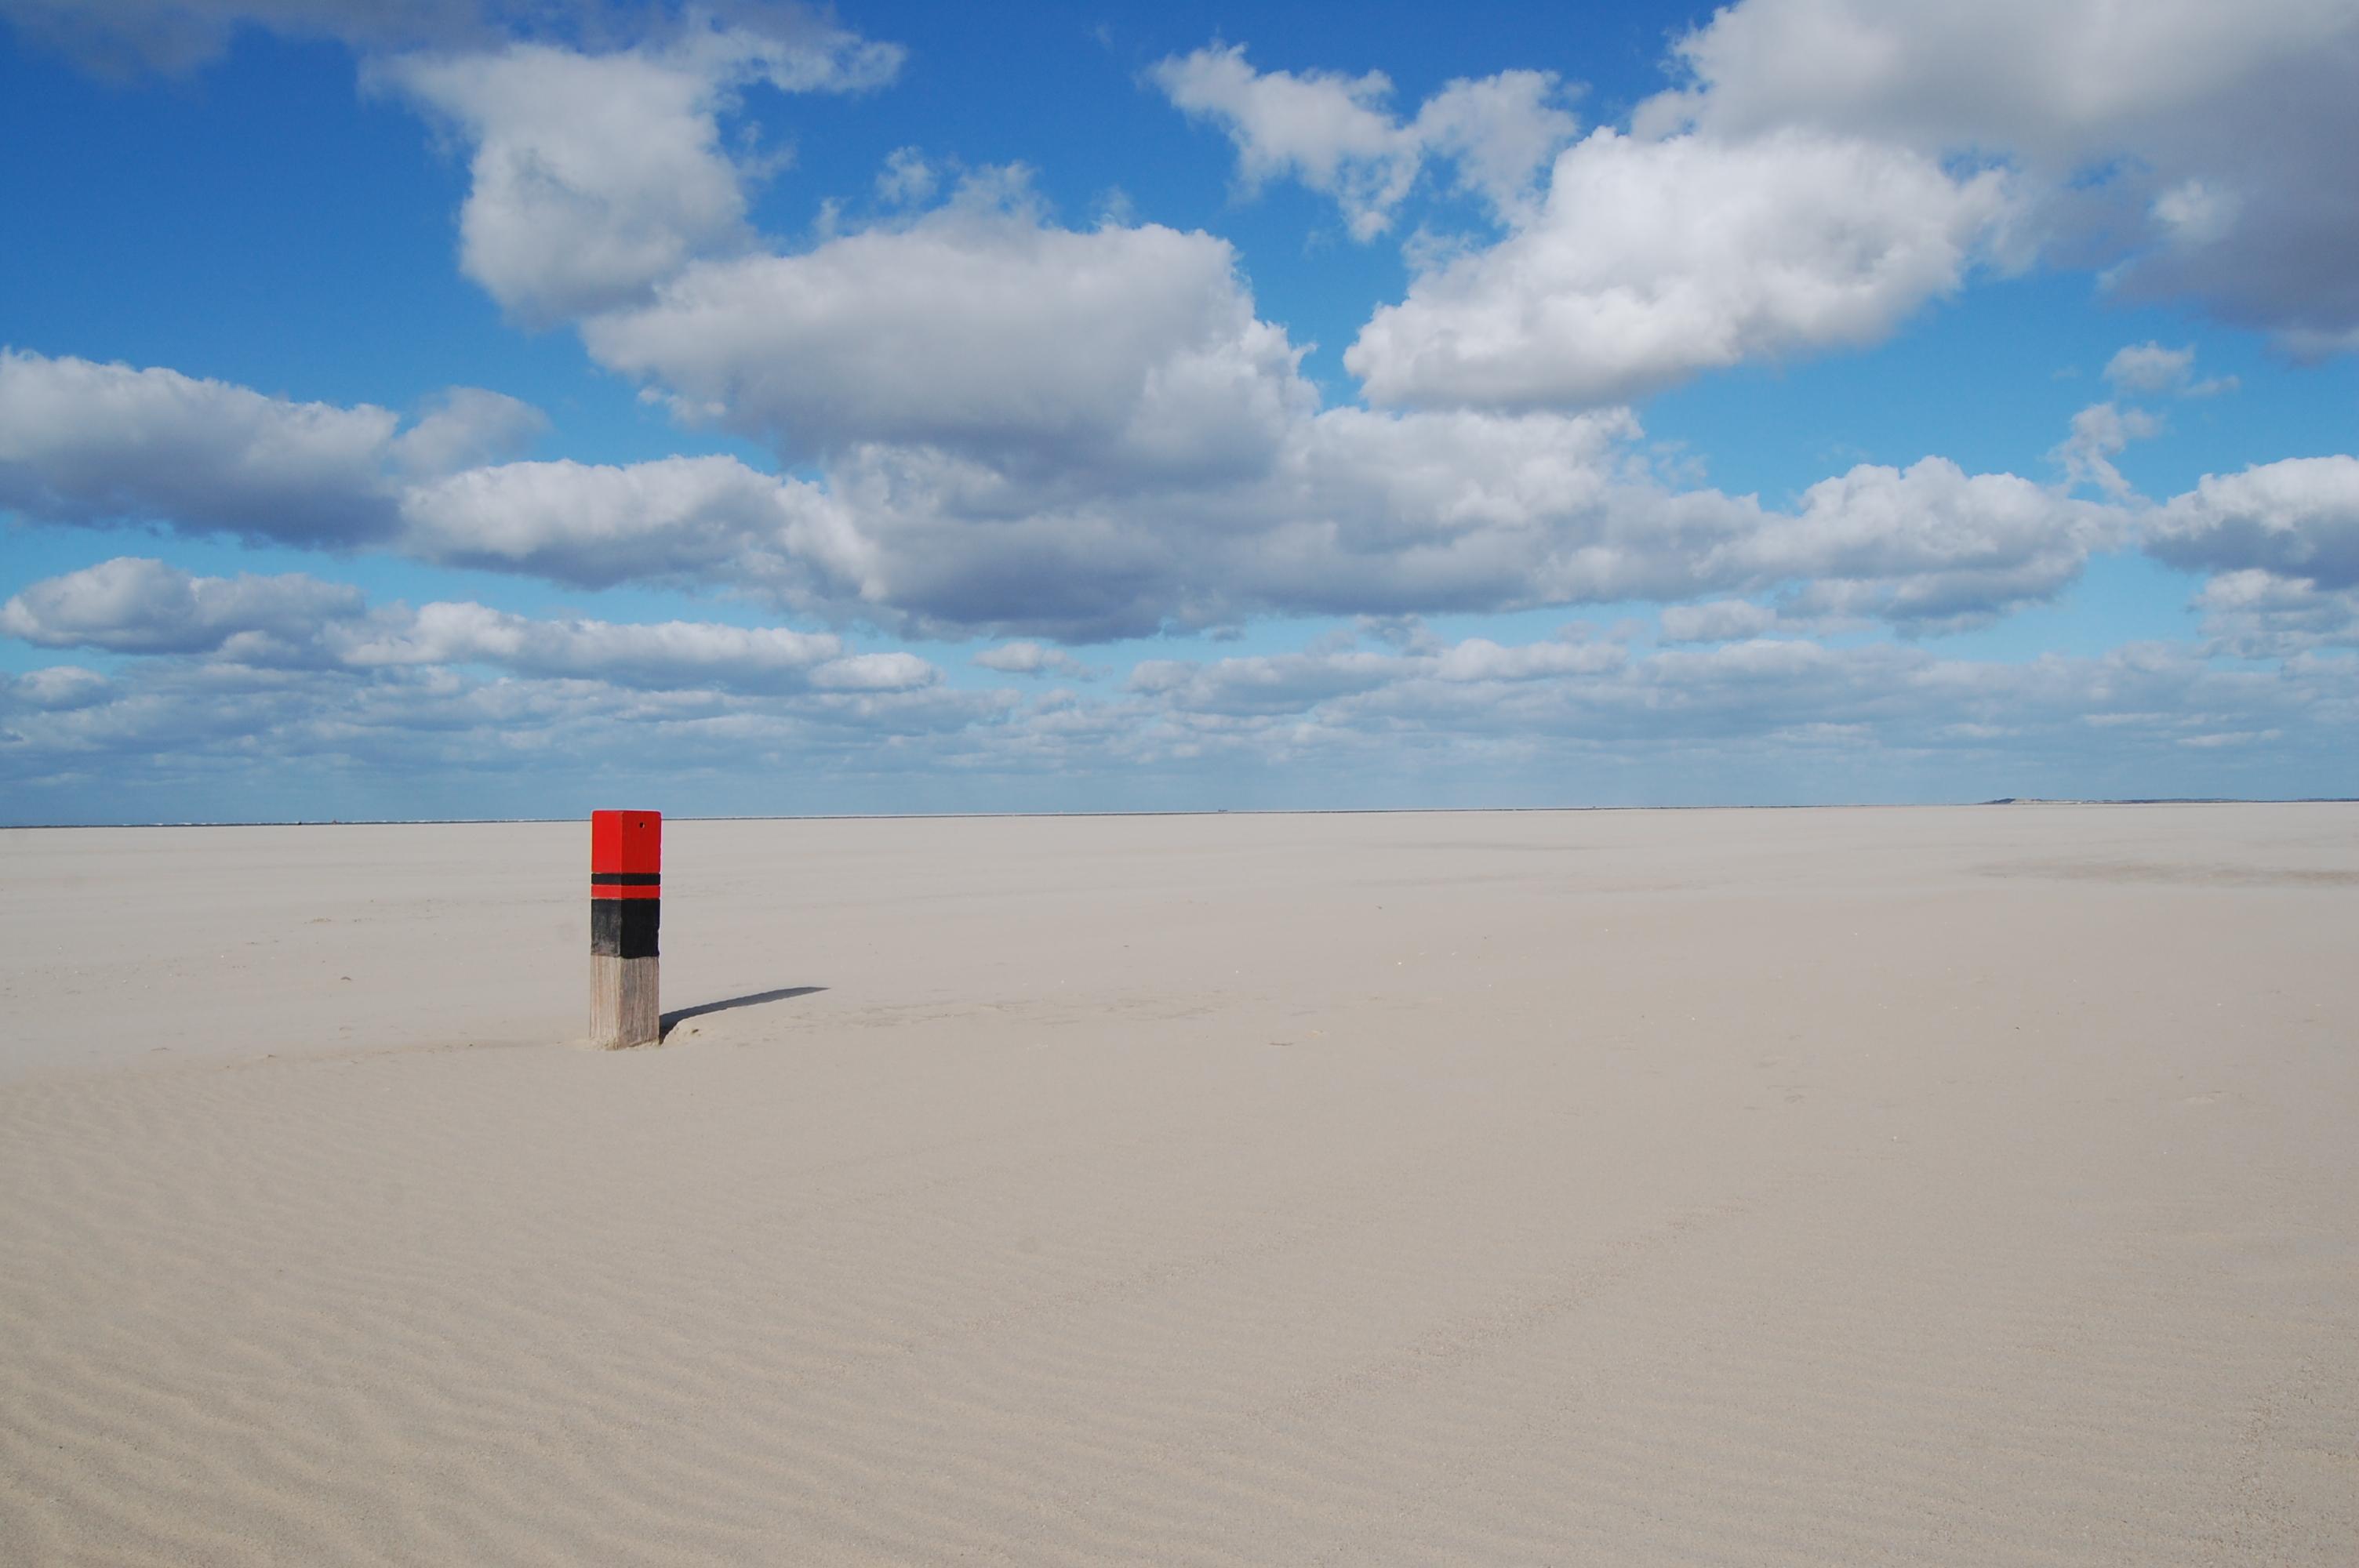 Strandpaal op het strand VVV Texel